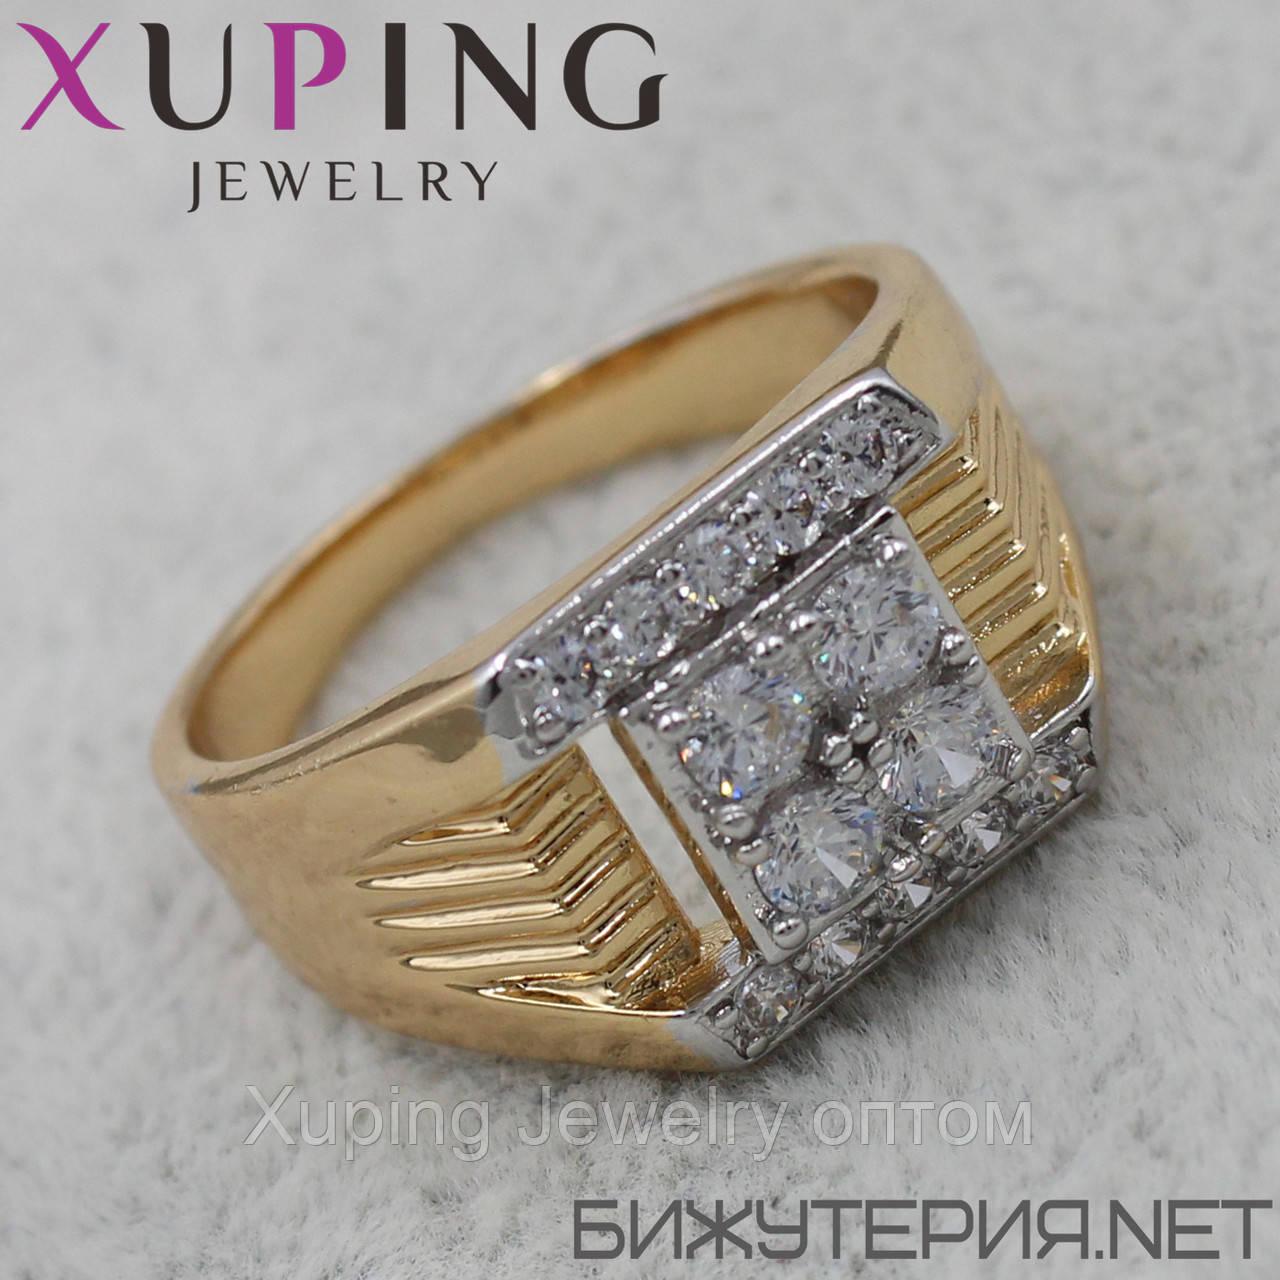 Перстень Xuping медицинское золото 18K Gold - 1025748211